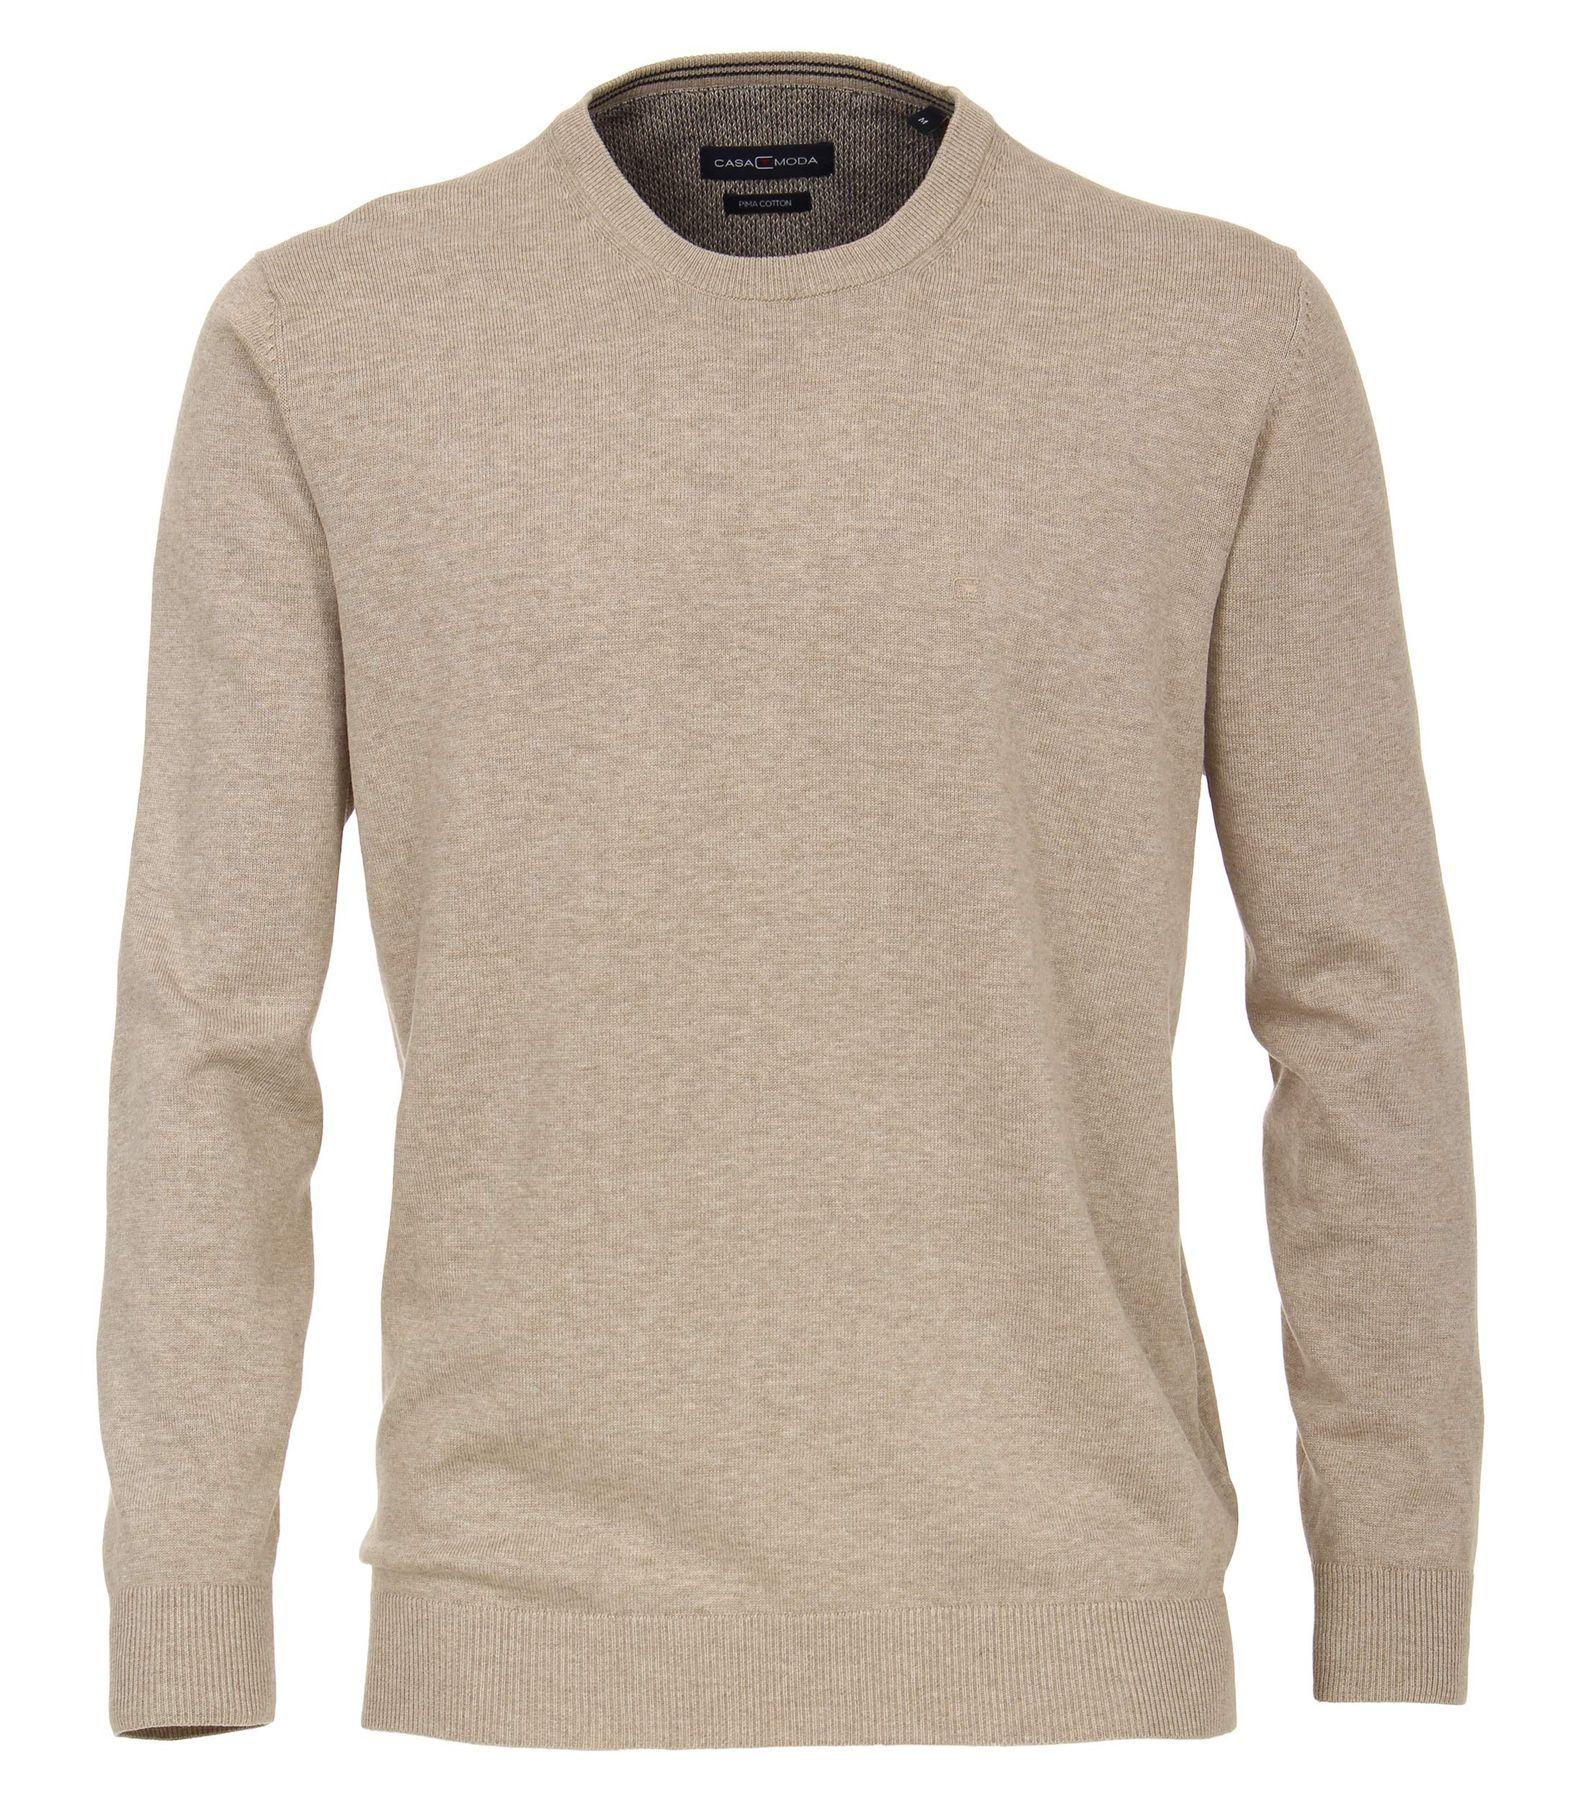 Bundle - Casa Moda - Herren Pullover mit Rundhals-Ausschnitt unifarben in verschiedenen Farben (004420) – Bild 4